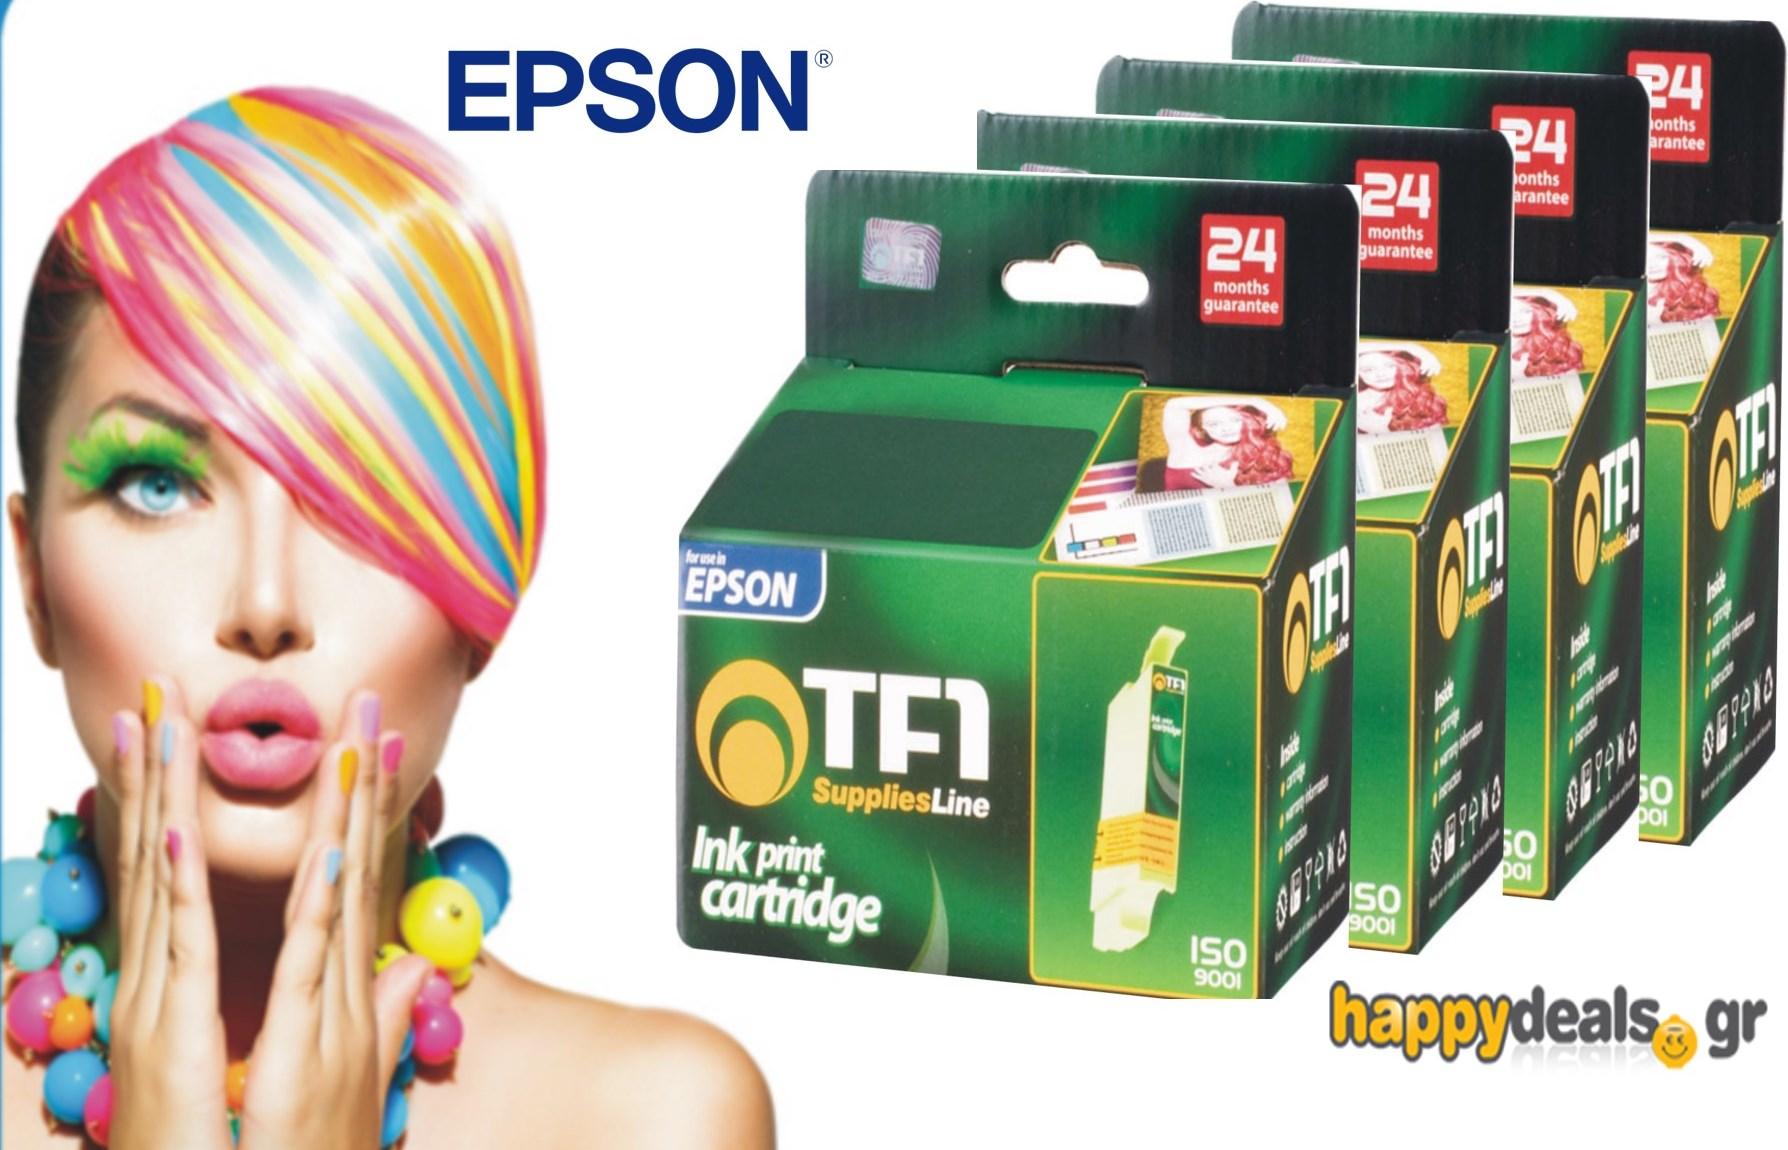 Μελάνια EPSON συμβατά με τον εκτυπωτή σας! ... από 1,4€ / Μελάνι (η Καλύτερη τιμή της αγοράς) & με 2 Χρόνια Εγγύηση! Για Ζωντανά και ανθεκτικά χρώματα που μένουν ανεξίτηλα στο χρόνο